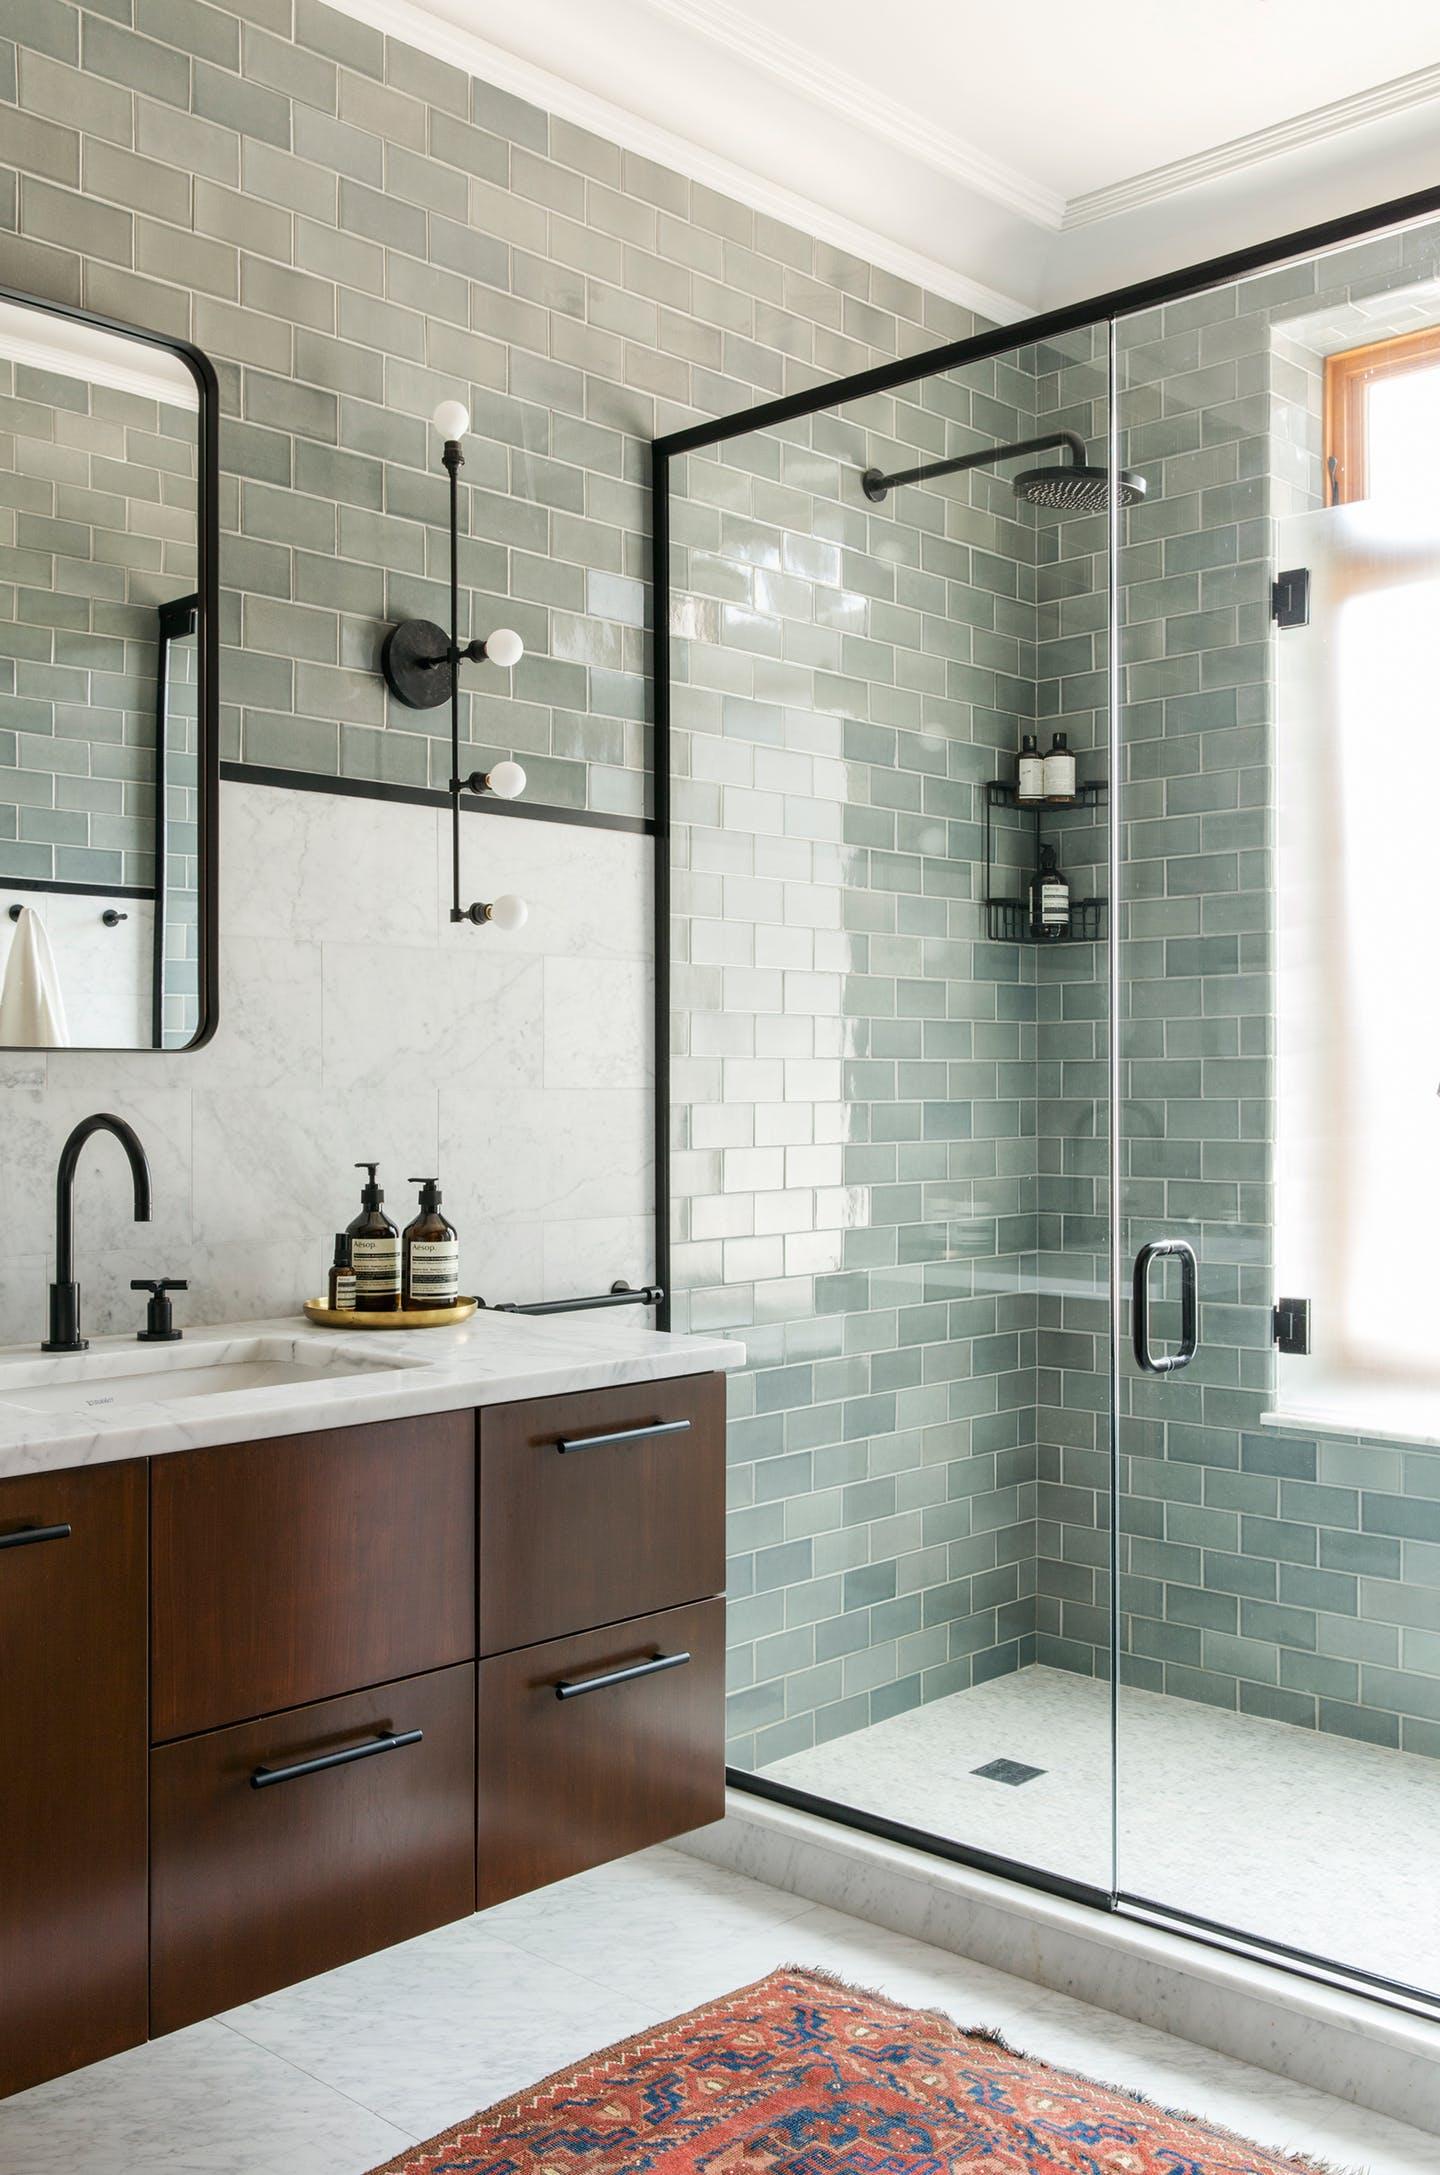 Ванная комната с душевой кабиной и стеклянной плиткой